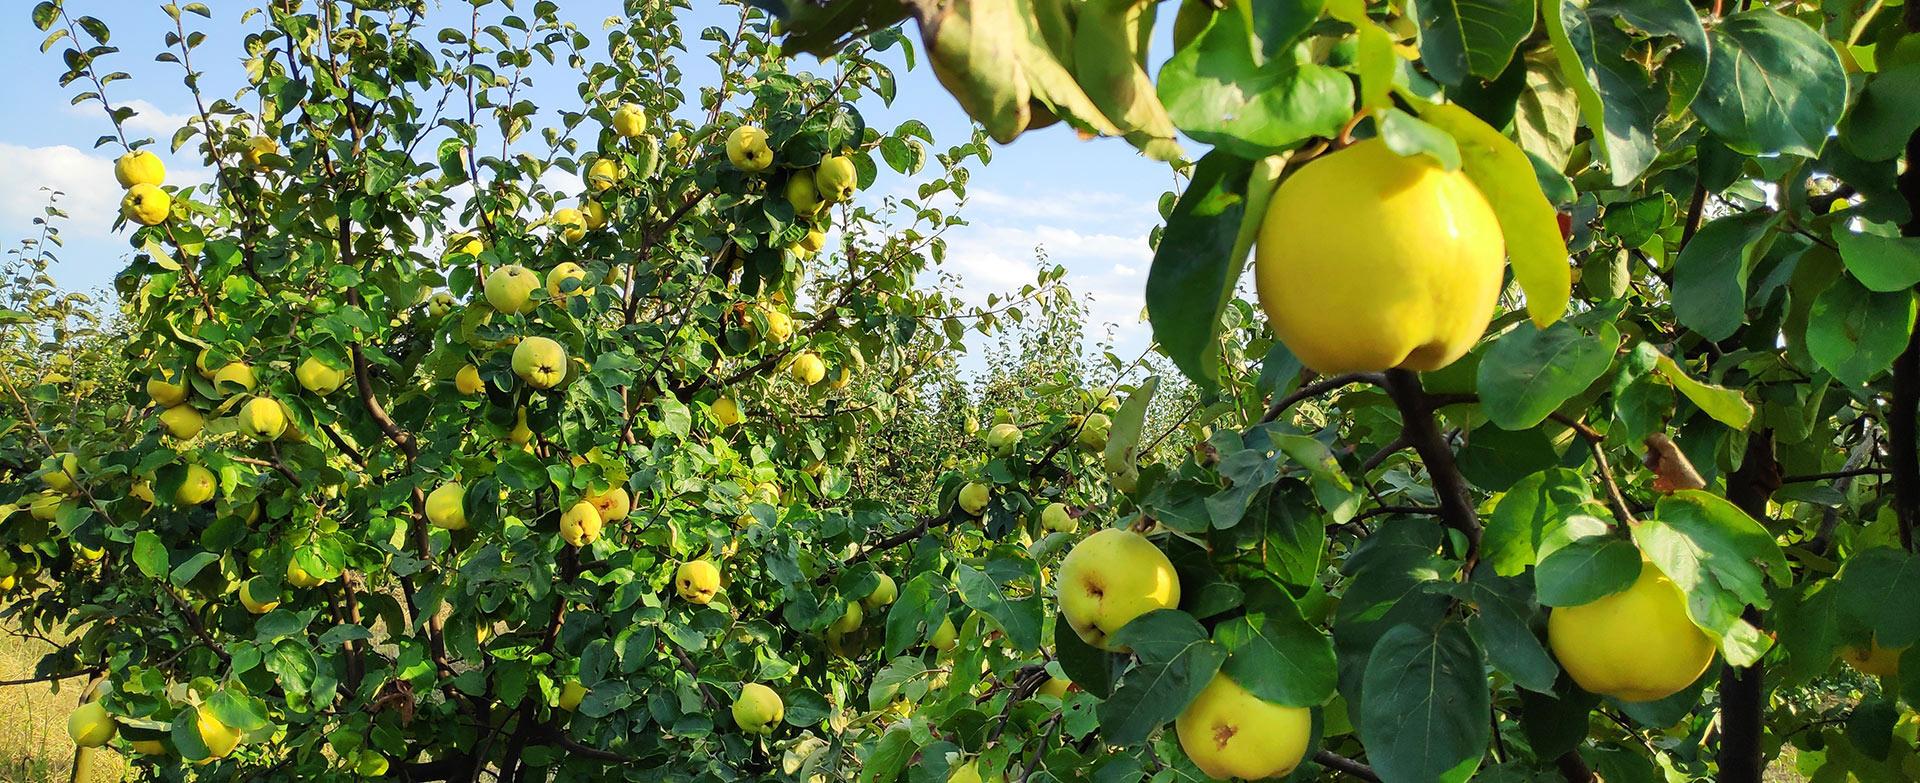 Rasadnik Milojevic - Prodaja voćnih sadnica